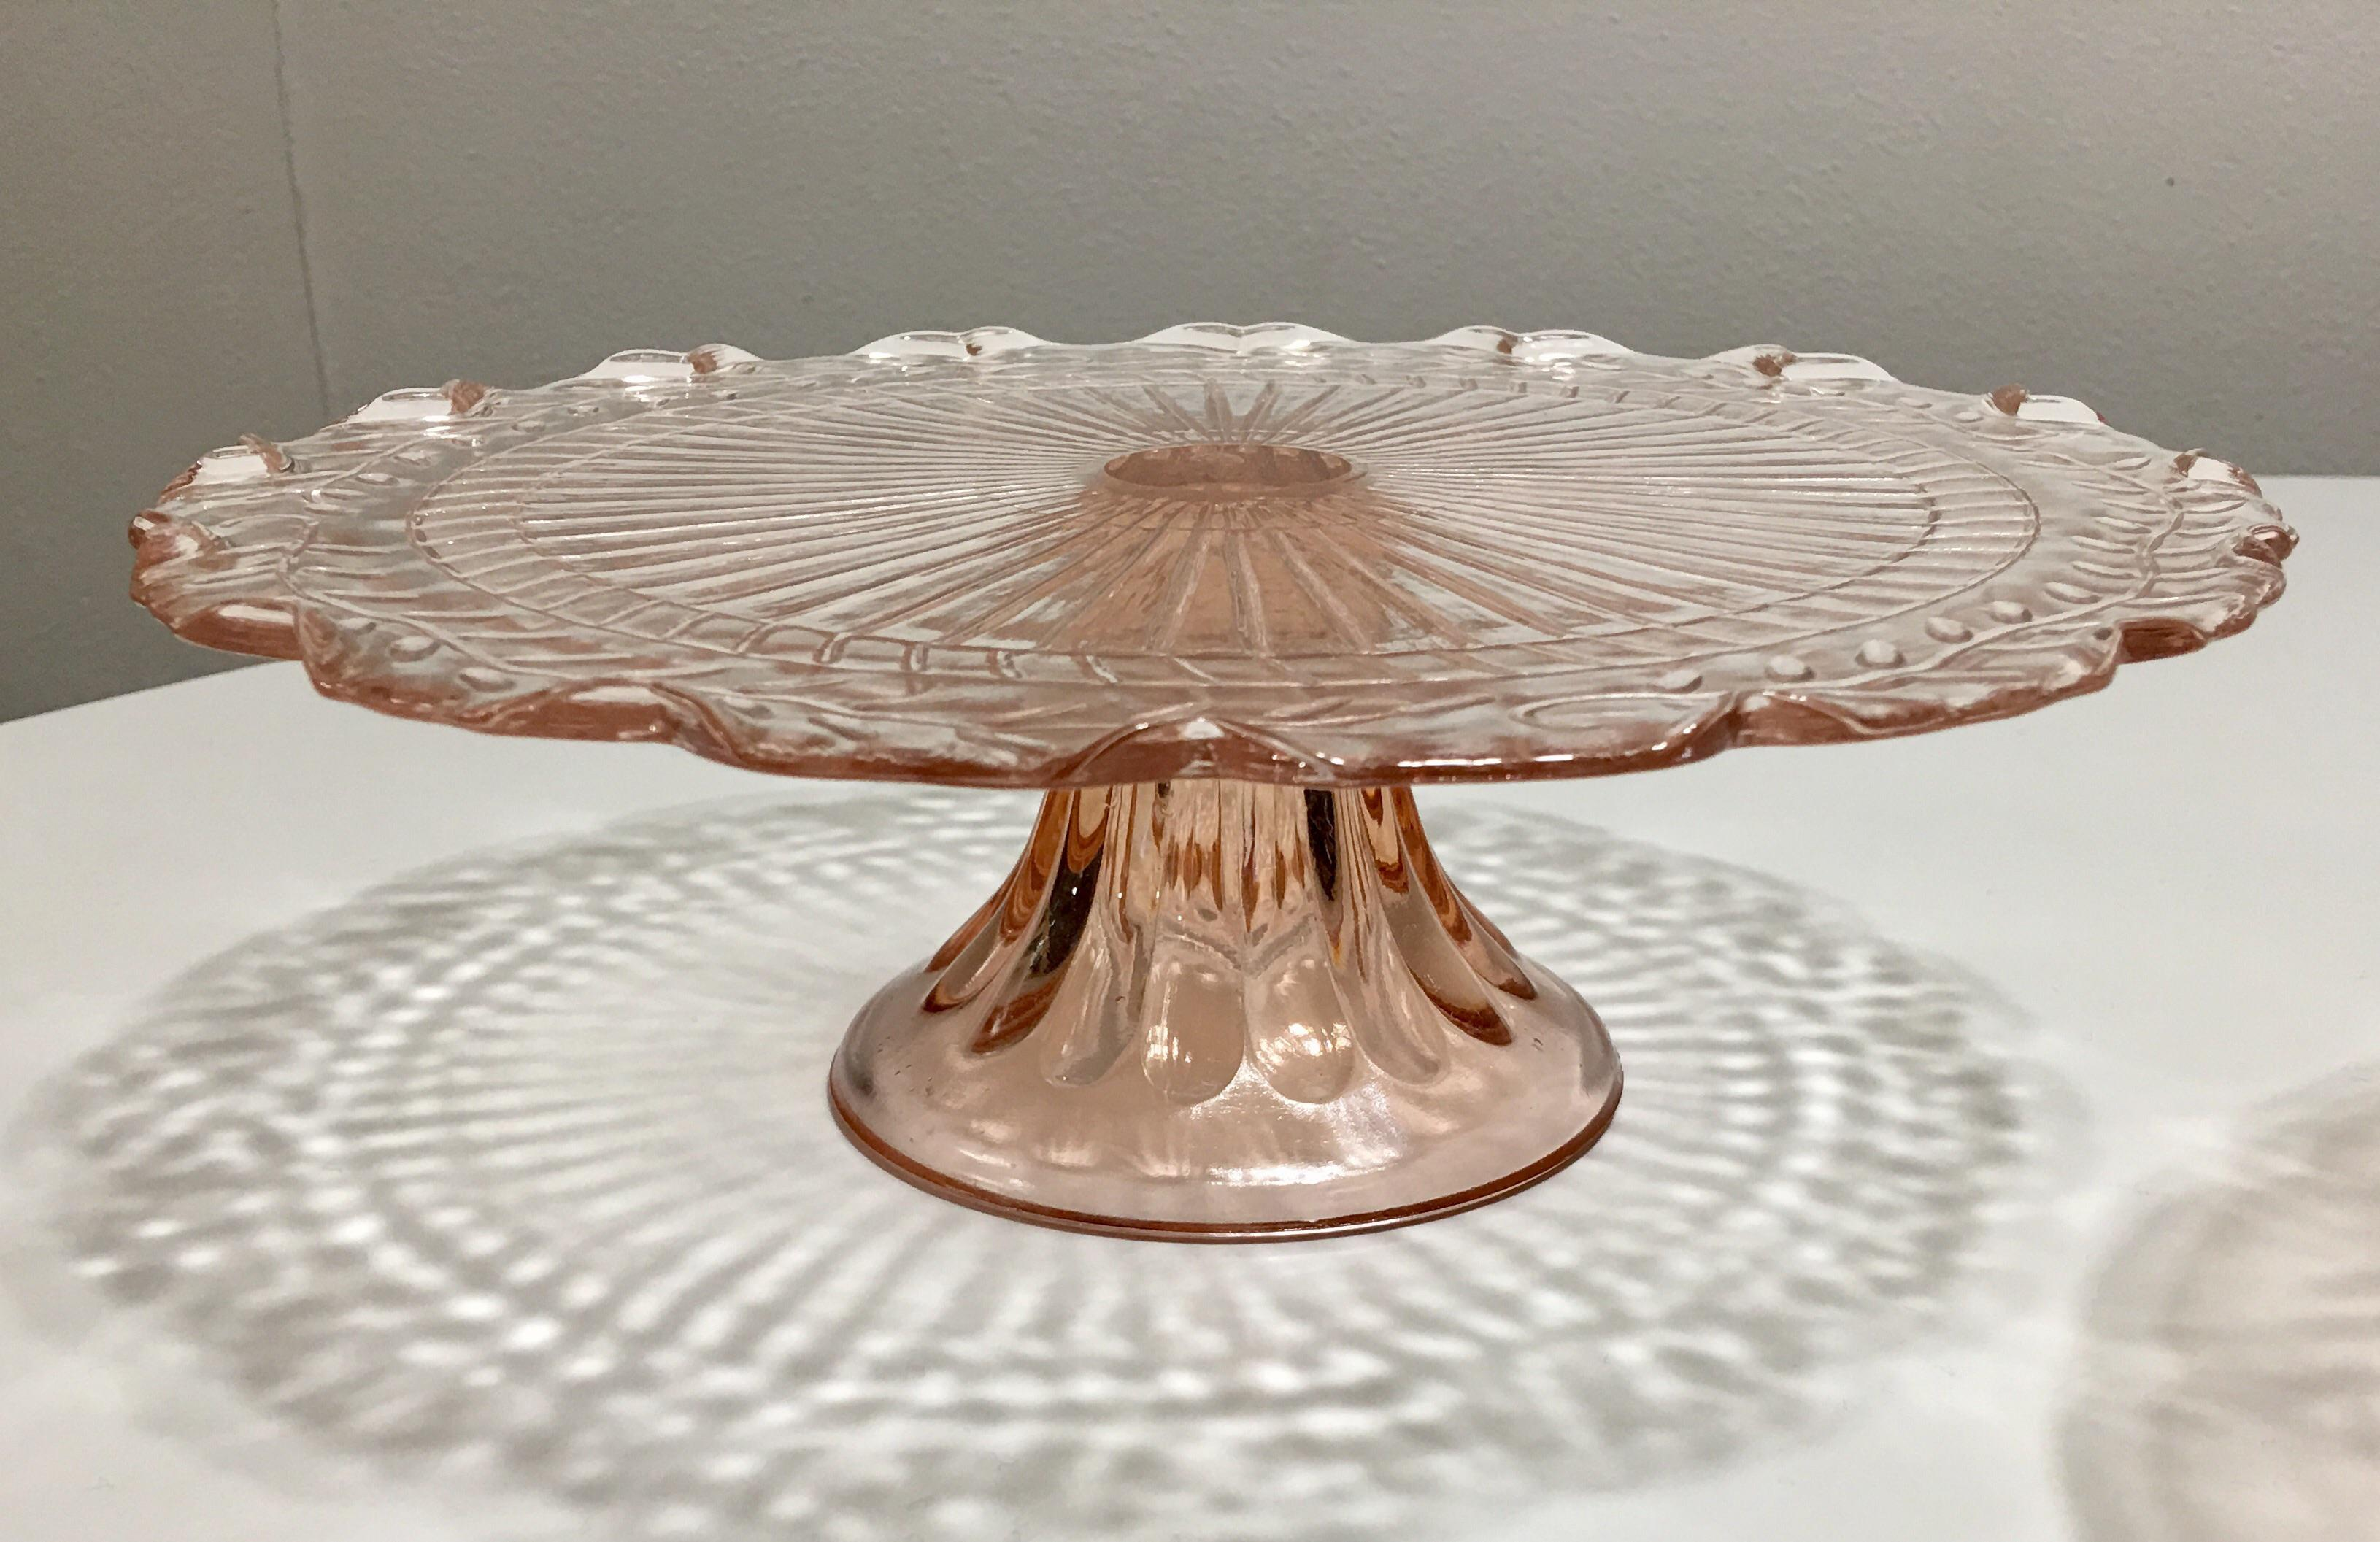 Pink Depression Glass Pedestal Cake Plates - Set of 3 - Image 6 of 8  sc 1 st  Chairish & Pink Depression Glass Pedestal Cake Plates - Set of 3 | Chairish